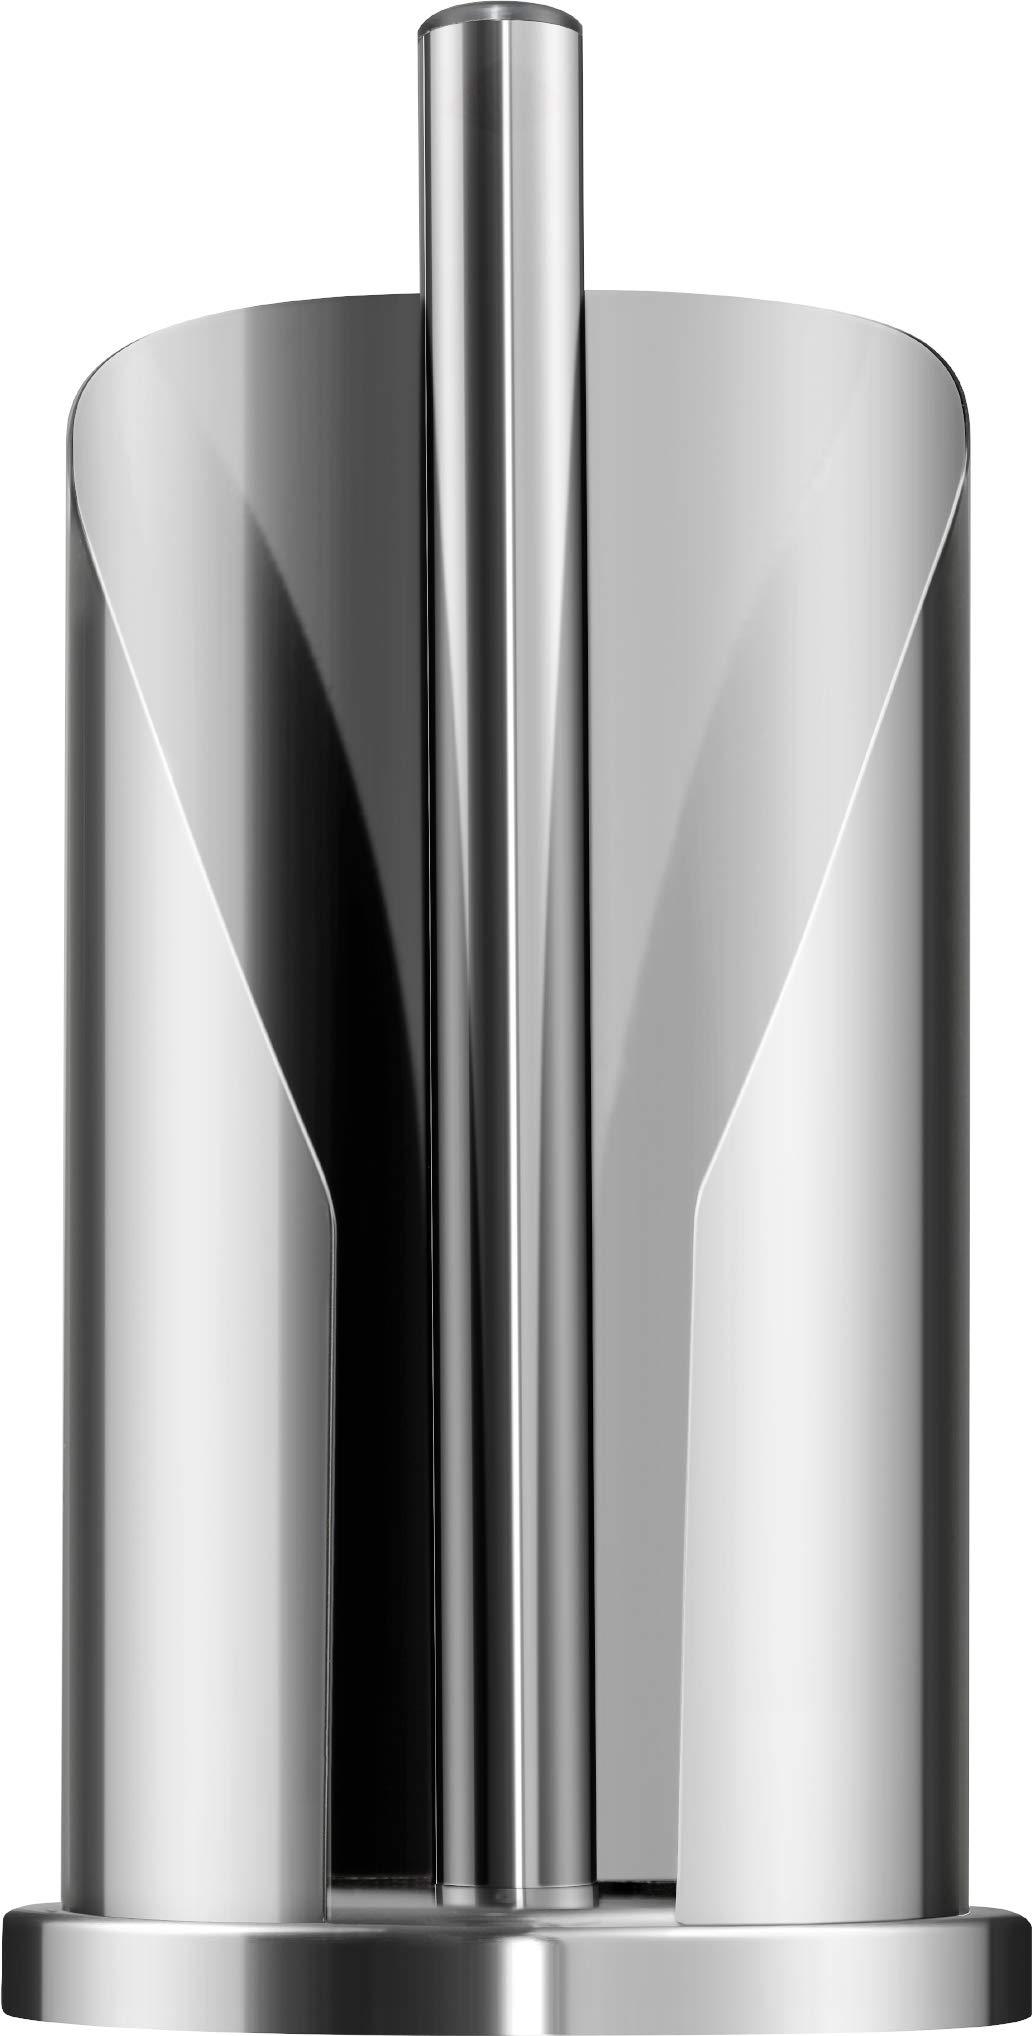 Wesco 322 104-41 Roll Holder, Stainless Steel